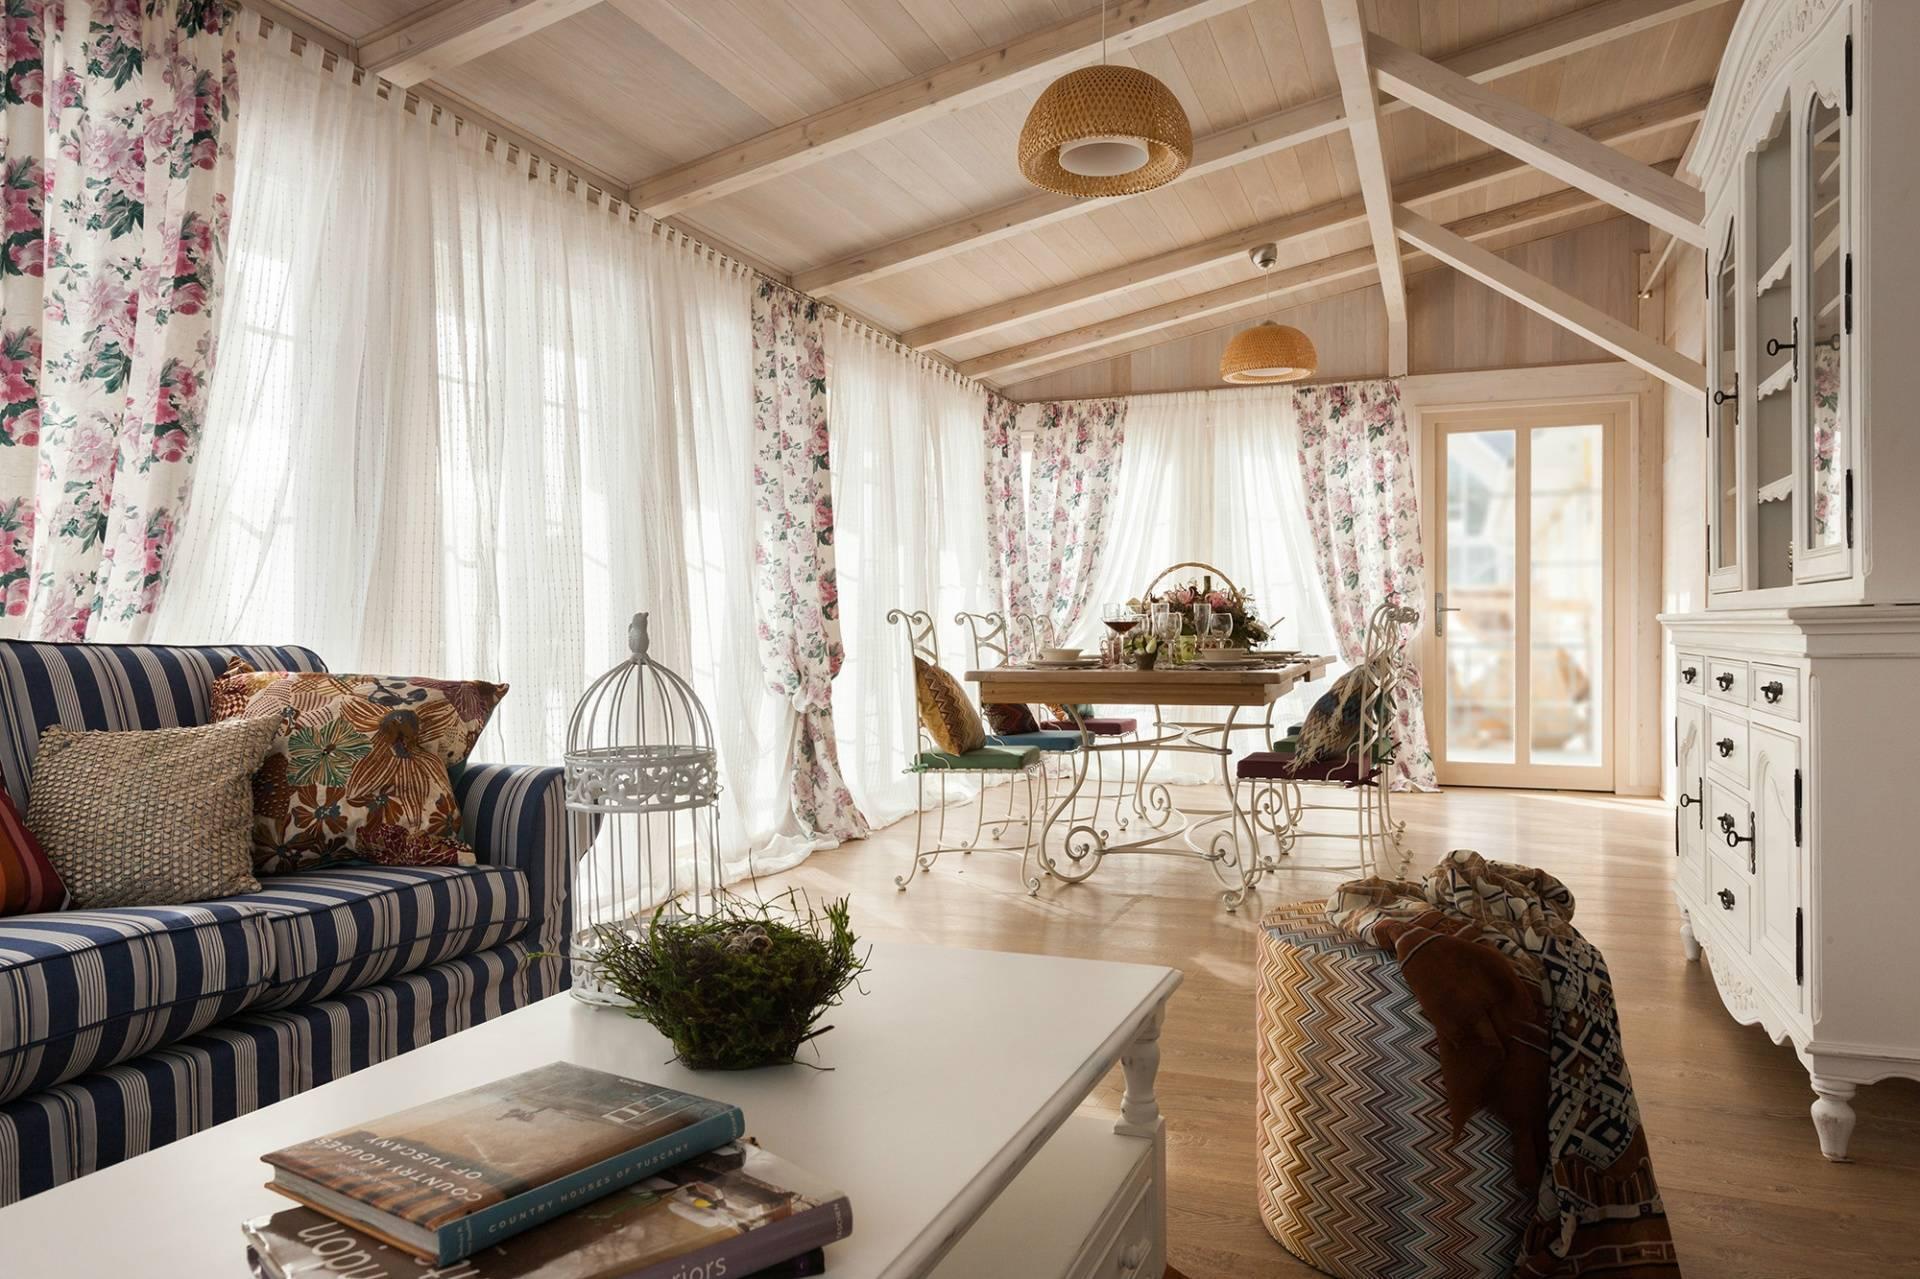 Дизайн интерьера в стиле прованс, примеры оформления, фото